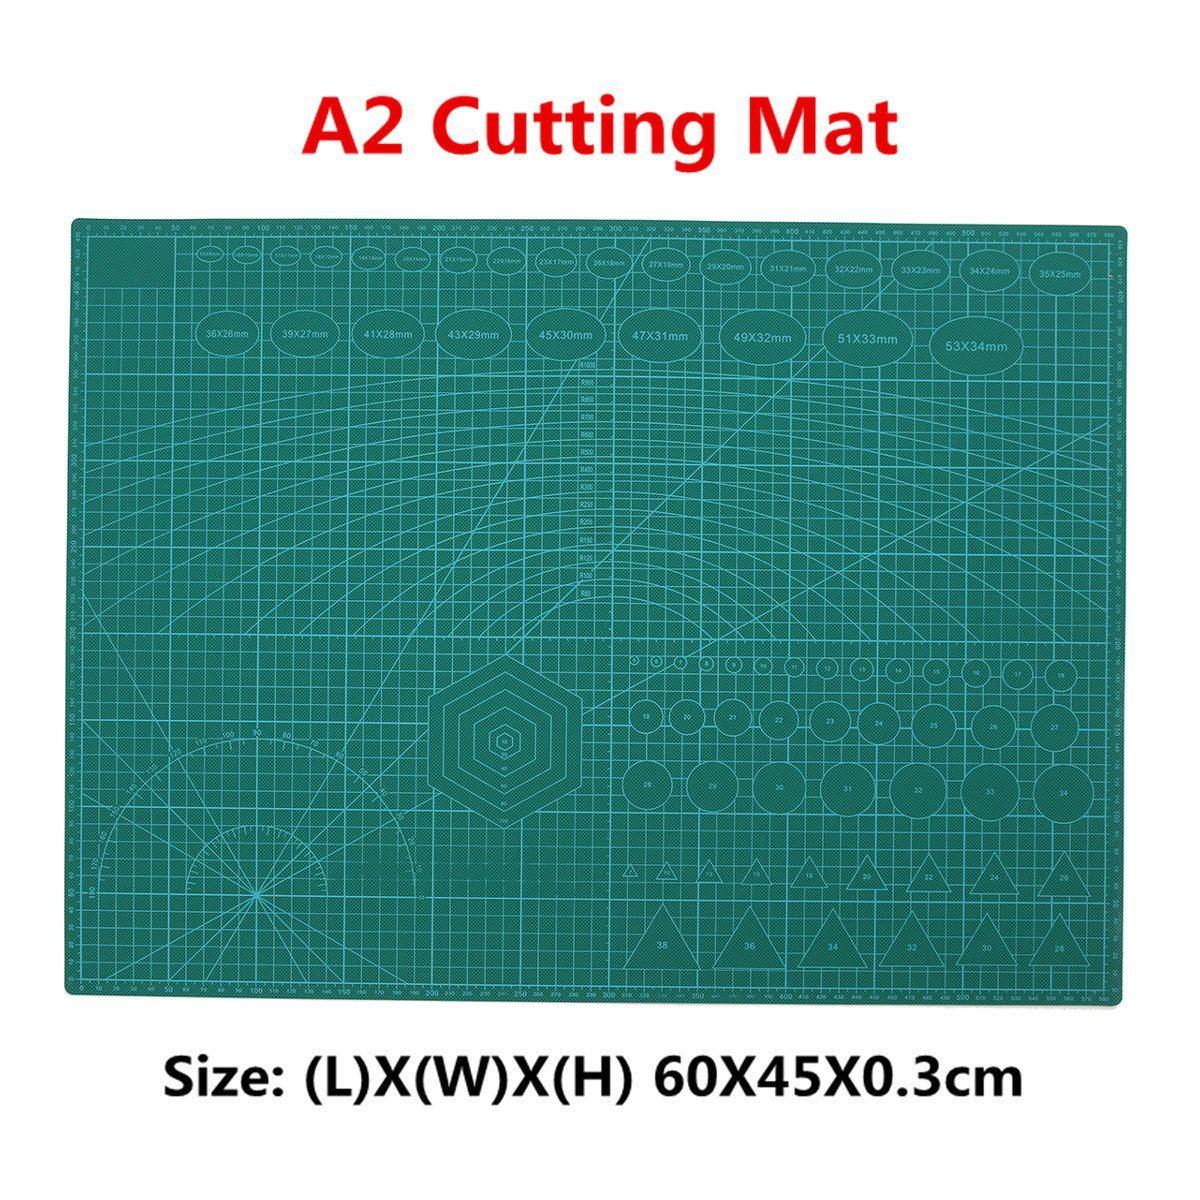 A2 PVC Taglio Zerbino di Taglio Pad Patchwork Doppio Stampato Self Healing Cutting Zerbino Mestiere Quilting Scrapbooking Bordo 45X60 CM 3 millimetri